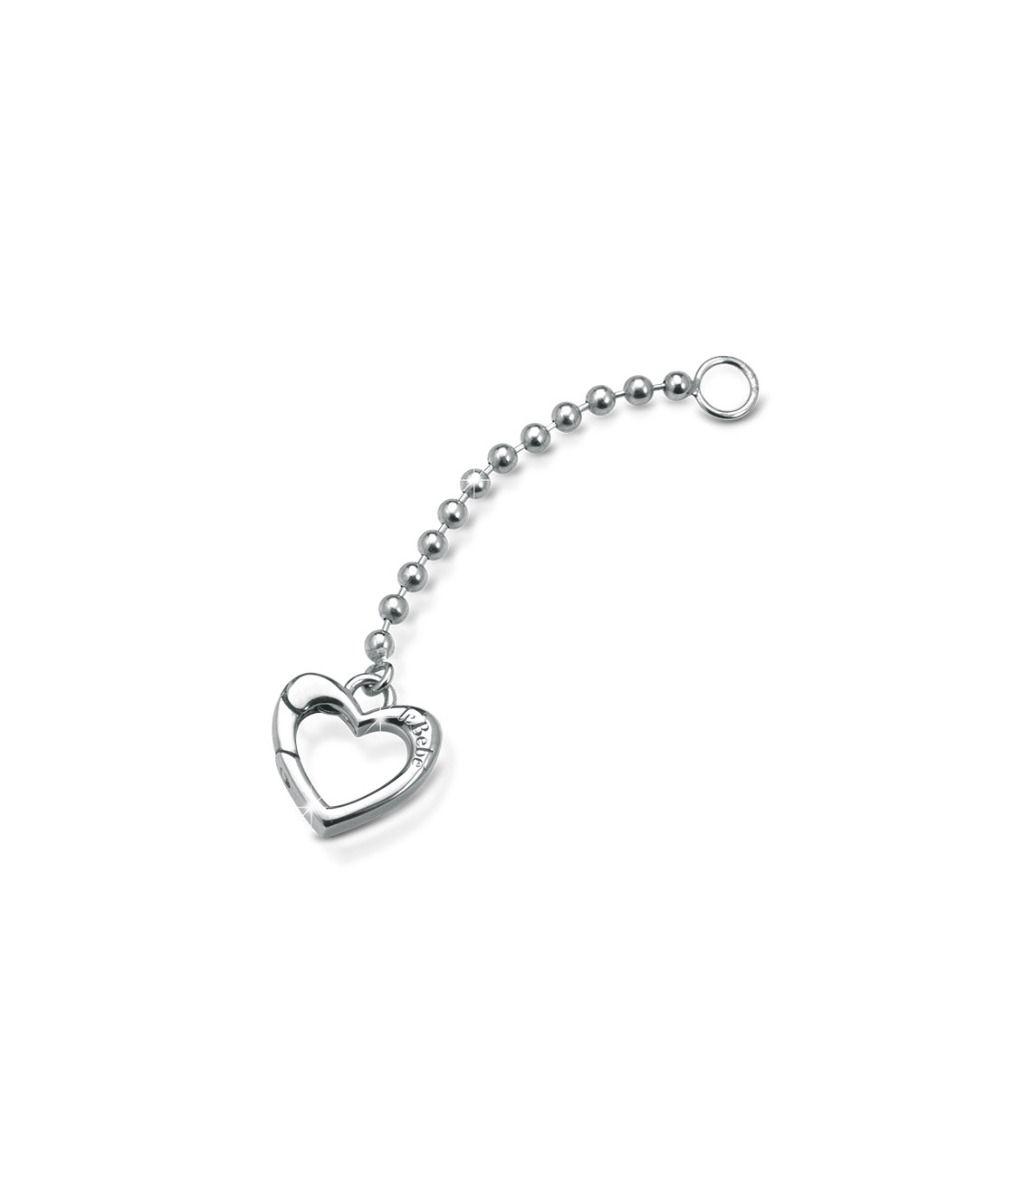 Elemento aggiuntivo versione a Y con moschettone in argento per Collana Lock Your Love